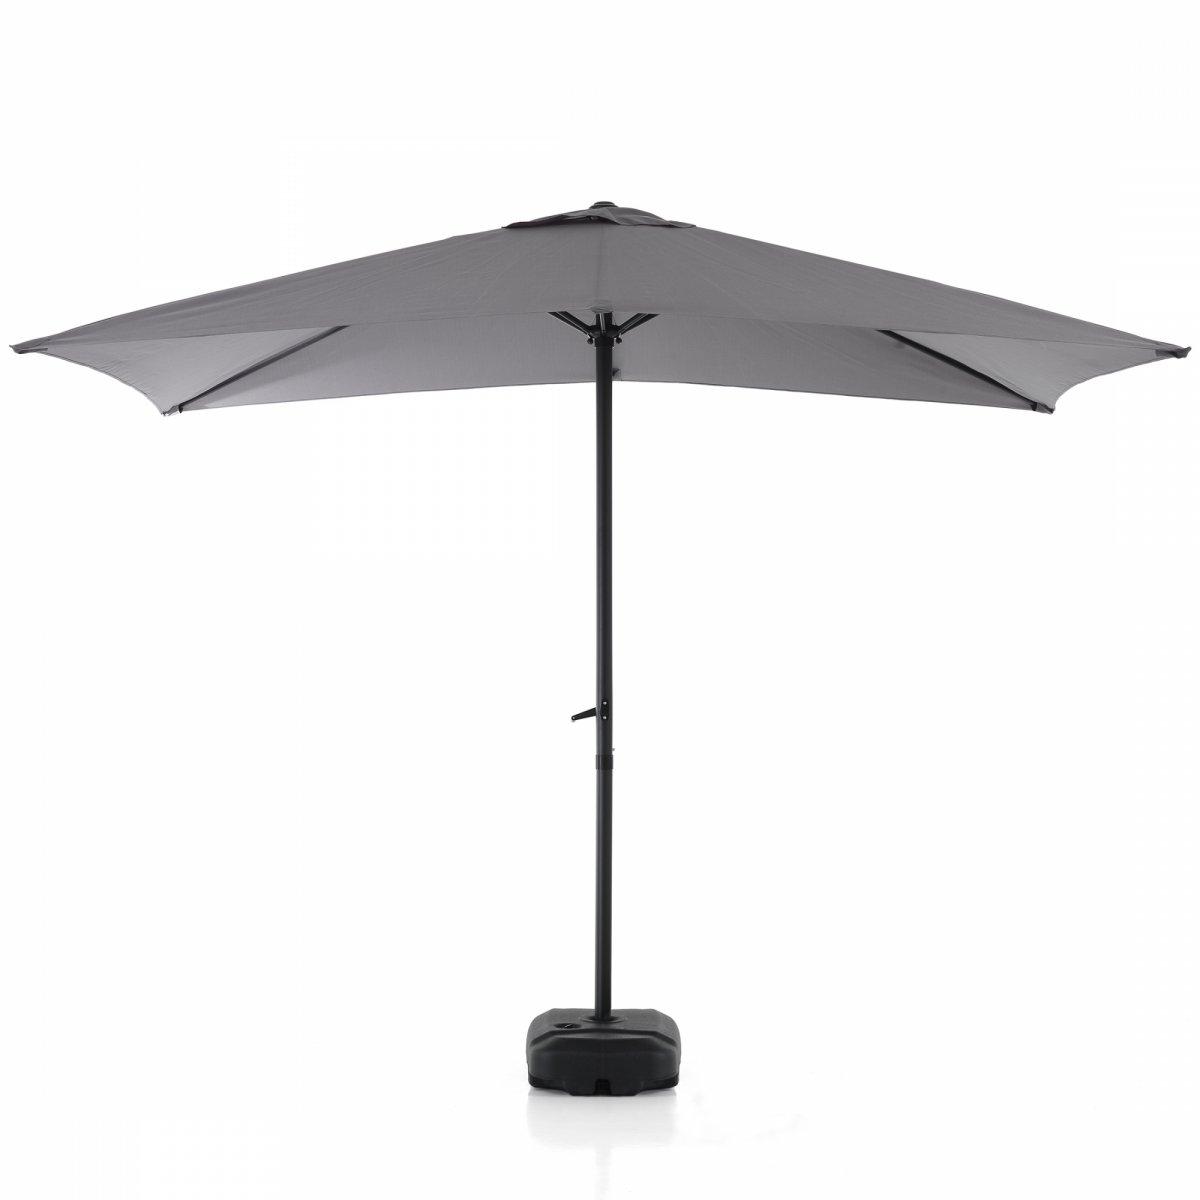 Tomasucci ombrellone MARCELLI 2 x 3